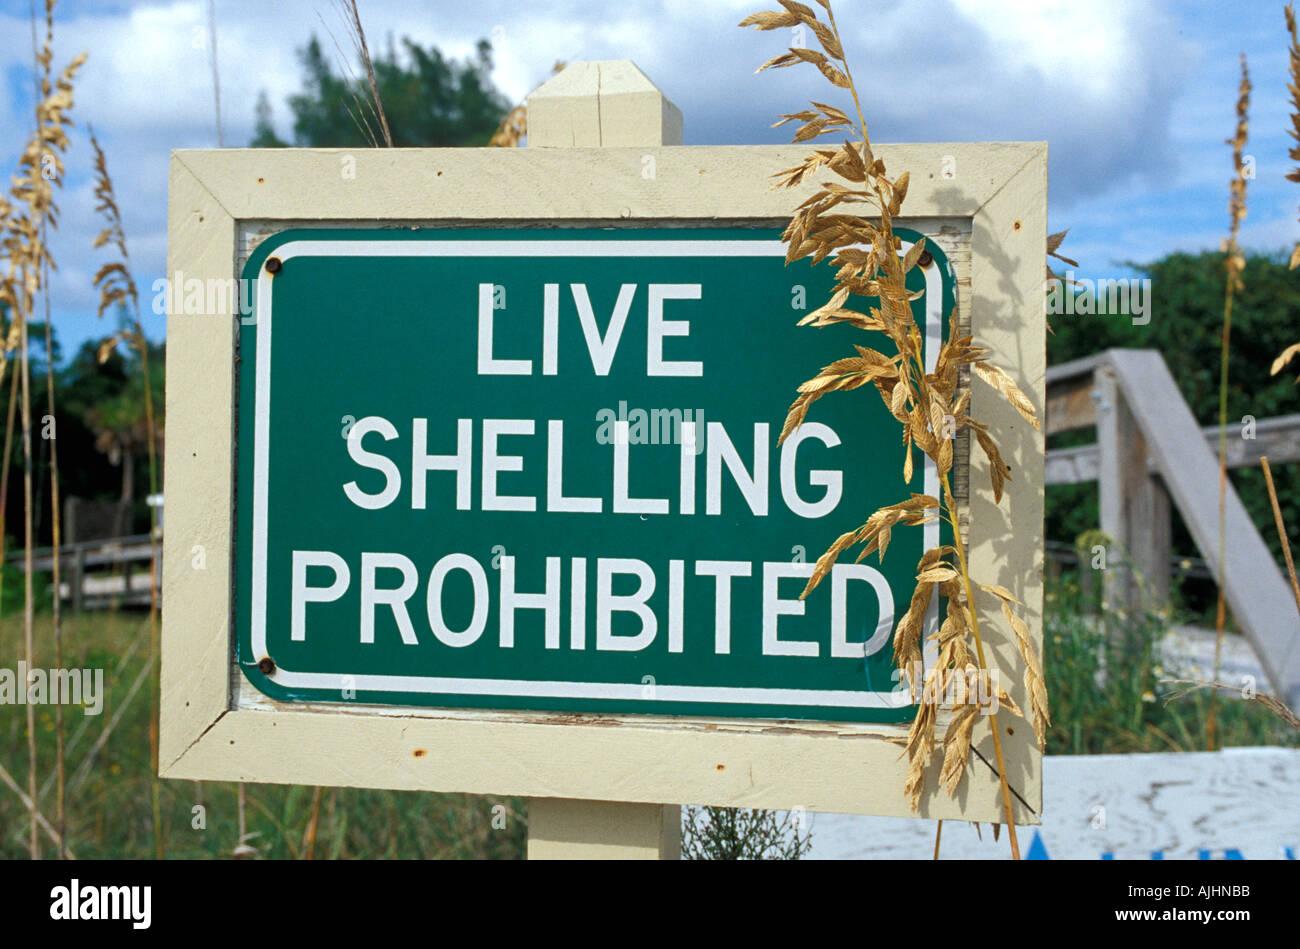 Florida FL Sanibel Captiva Islands Live Shelling Prohibited Sign conservation ecology Stock Photo